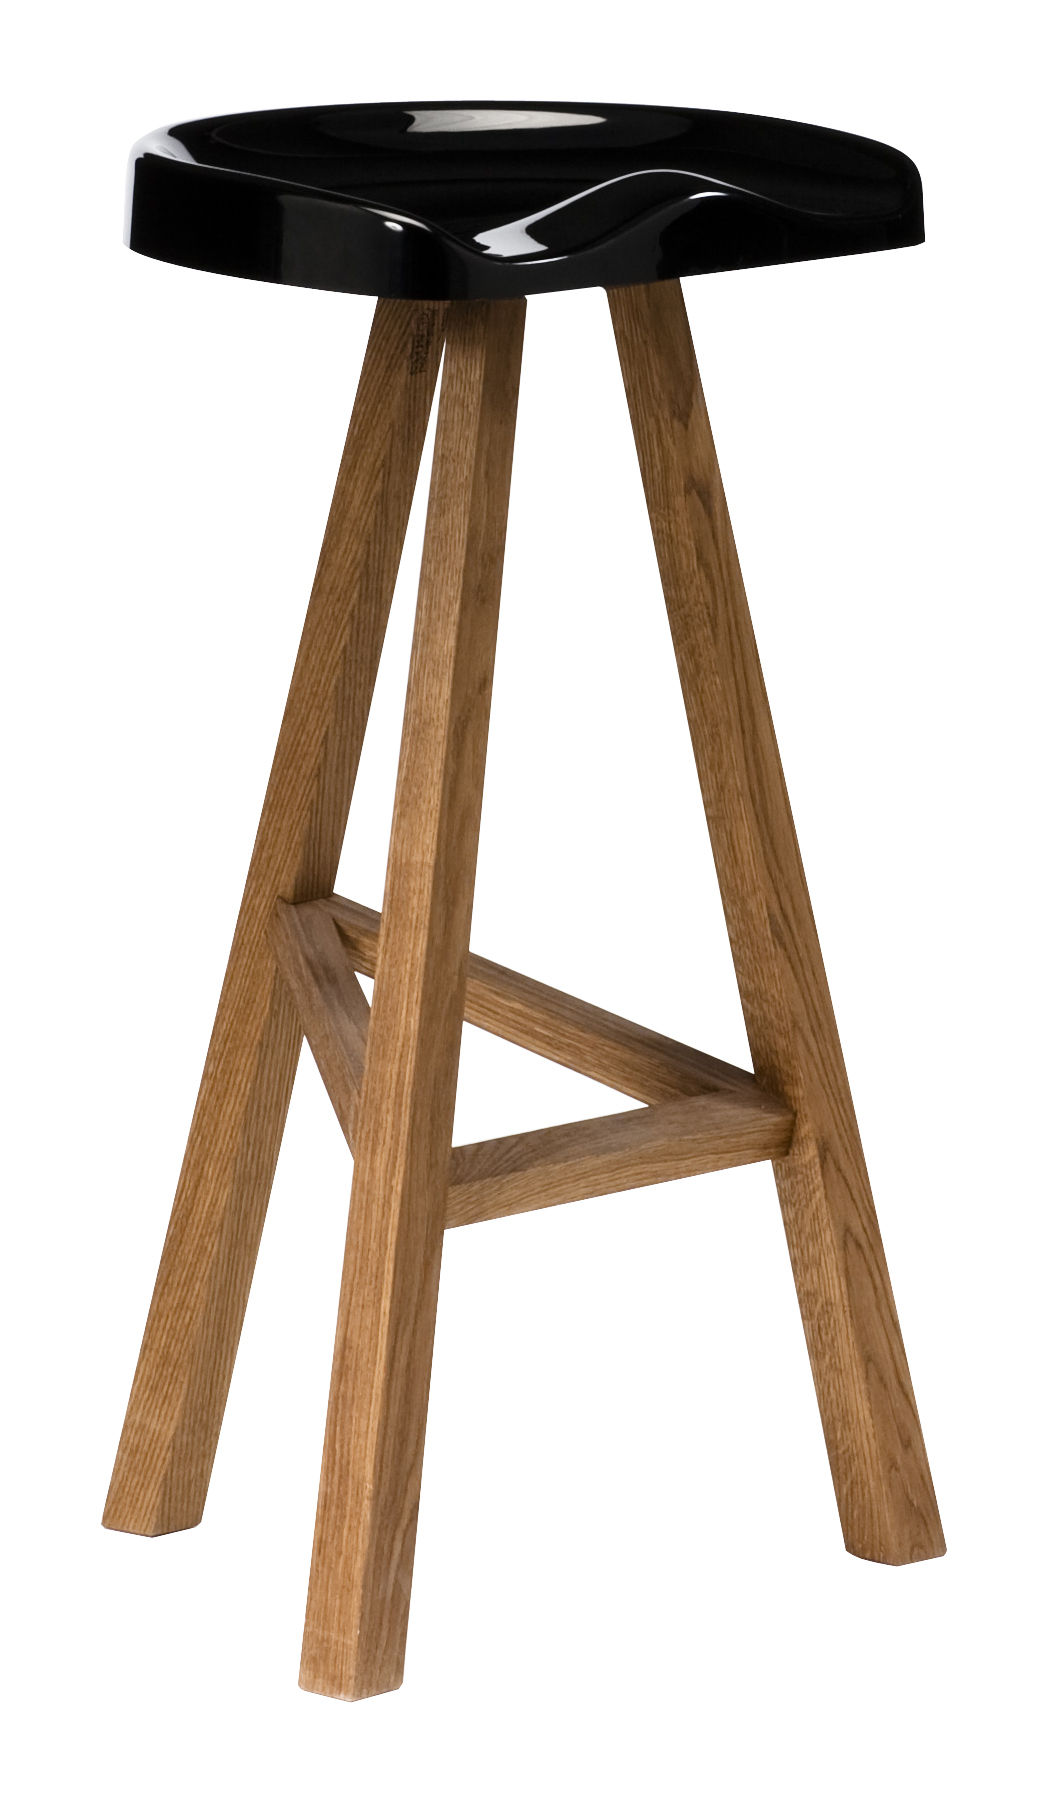 Arredamento - Sgabelli da bar  - Sgabello bar Heidi - H 80 cm di Established & Sons - Nero - Poliuretano, Rovere oliato